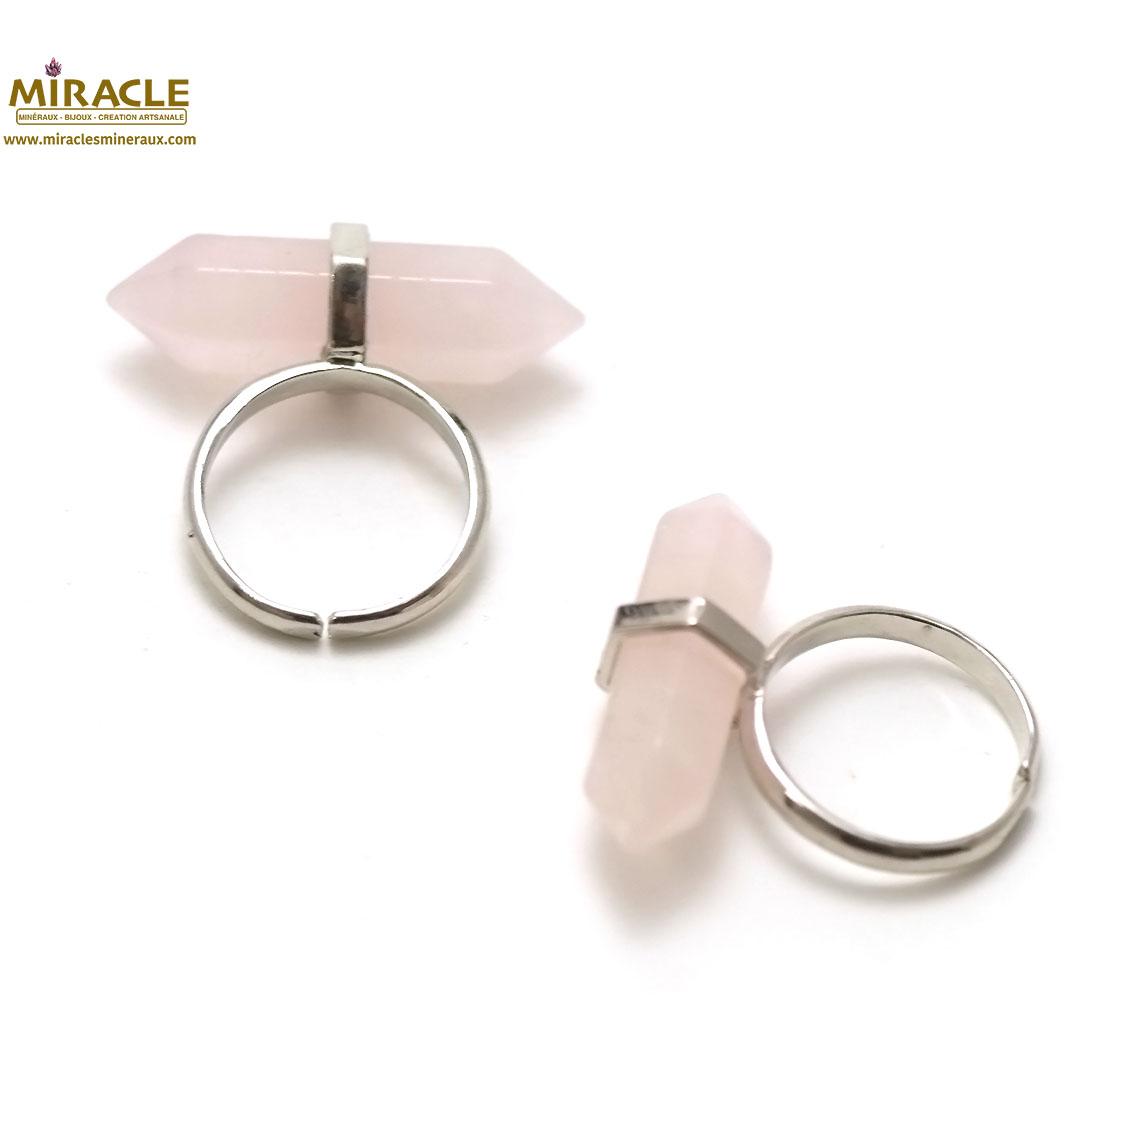 Bague en pierre naturelle de quartz rose double pointe